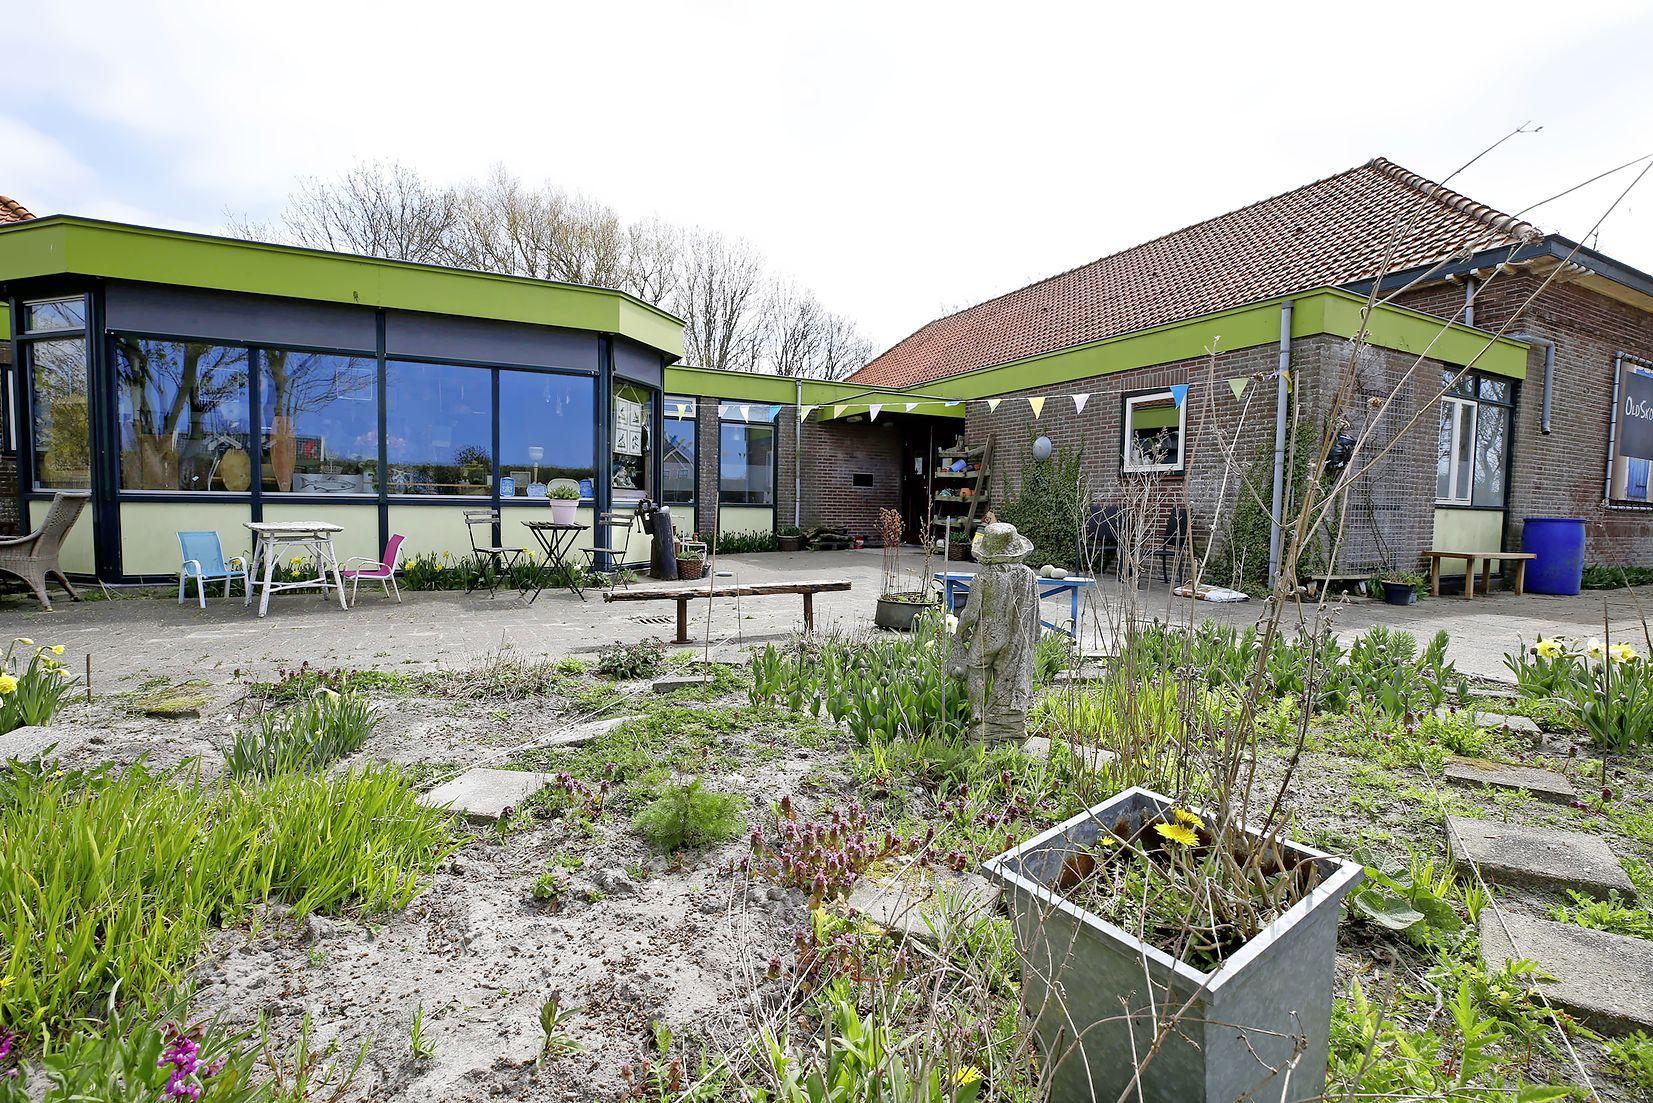 De oude school van Burgerbrug wordt een mooi dorpshuis. Maar dorpsbewoners mopperen. Zij zien liever woningbouw en dat wist de gemeente. 'Er is niet geluisterd naar de inwoners'